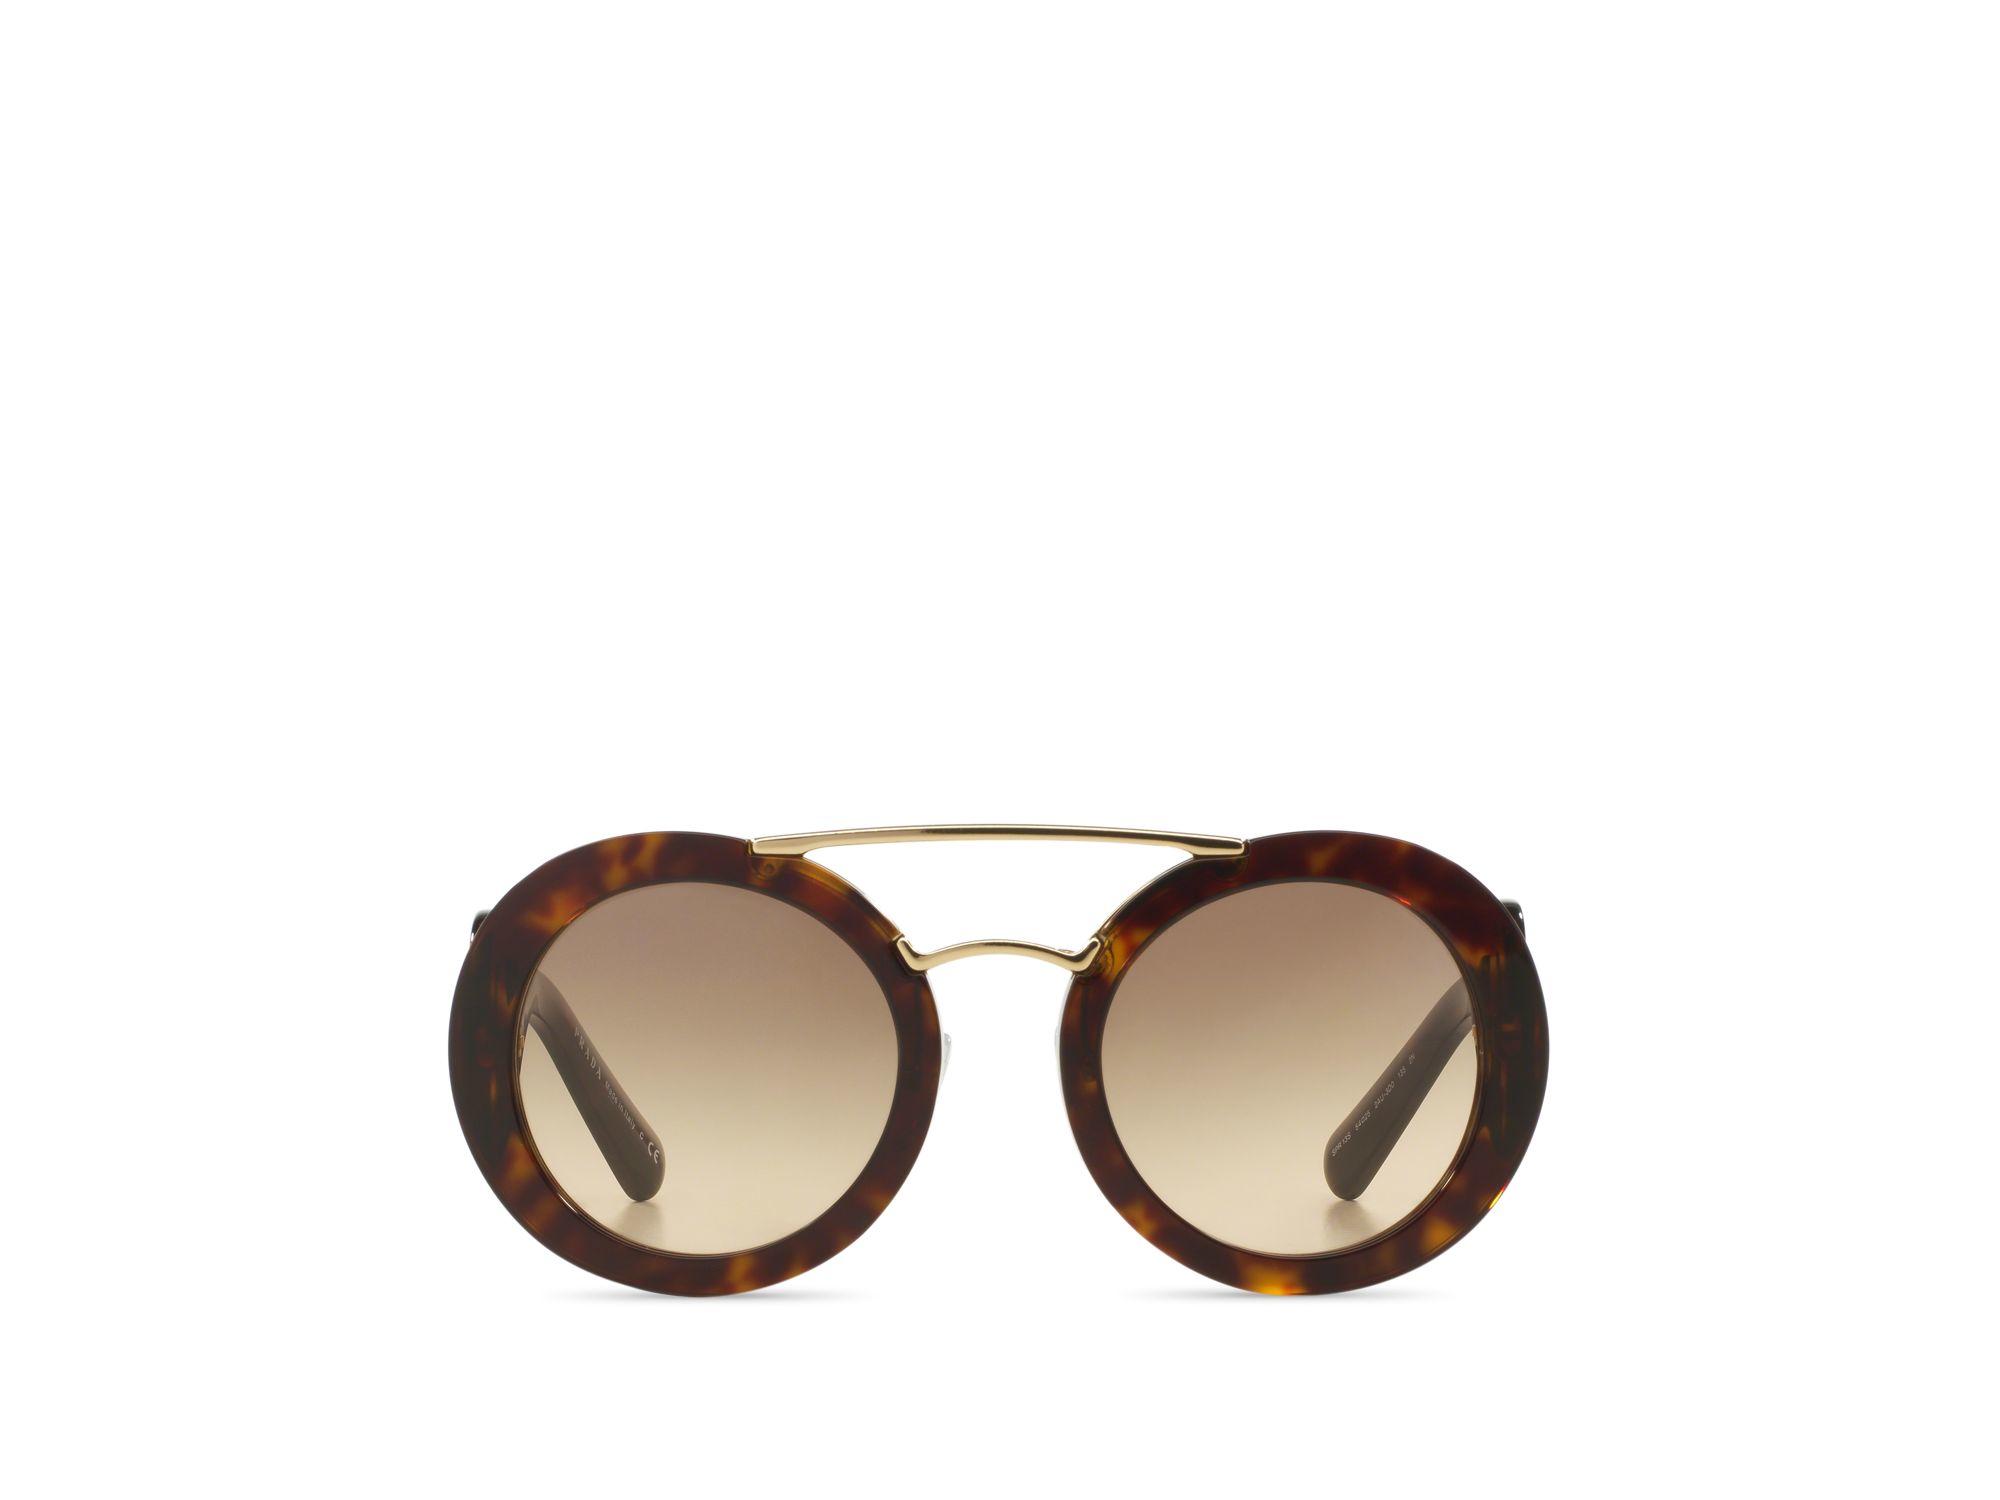 7808a2f8426 Prada Round Black Baroque Sunglasses